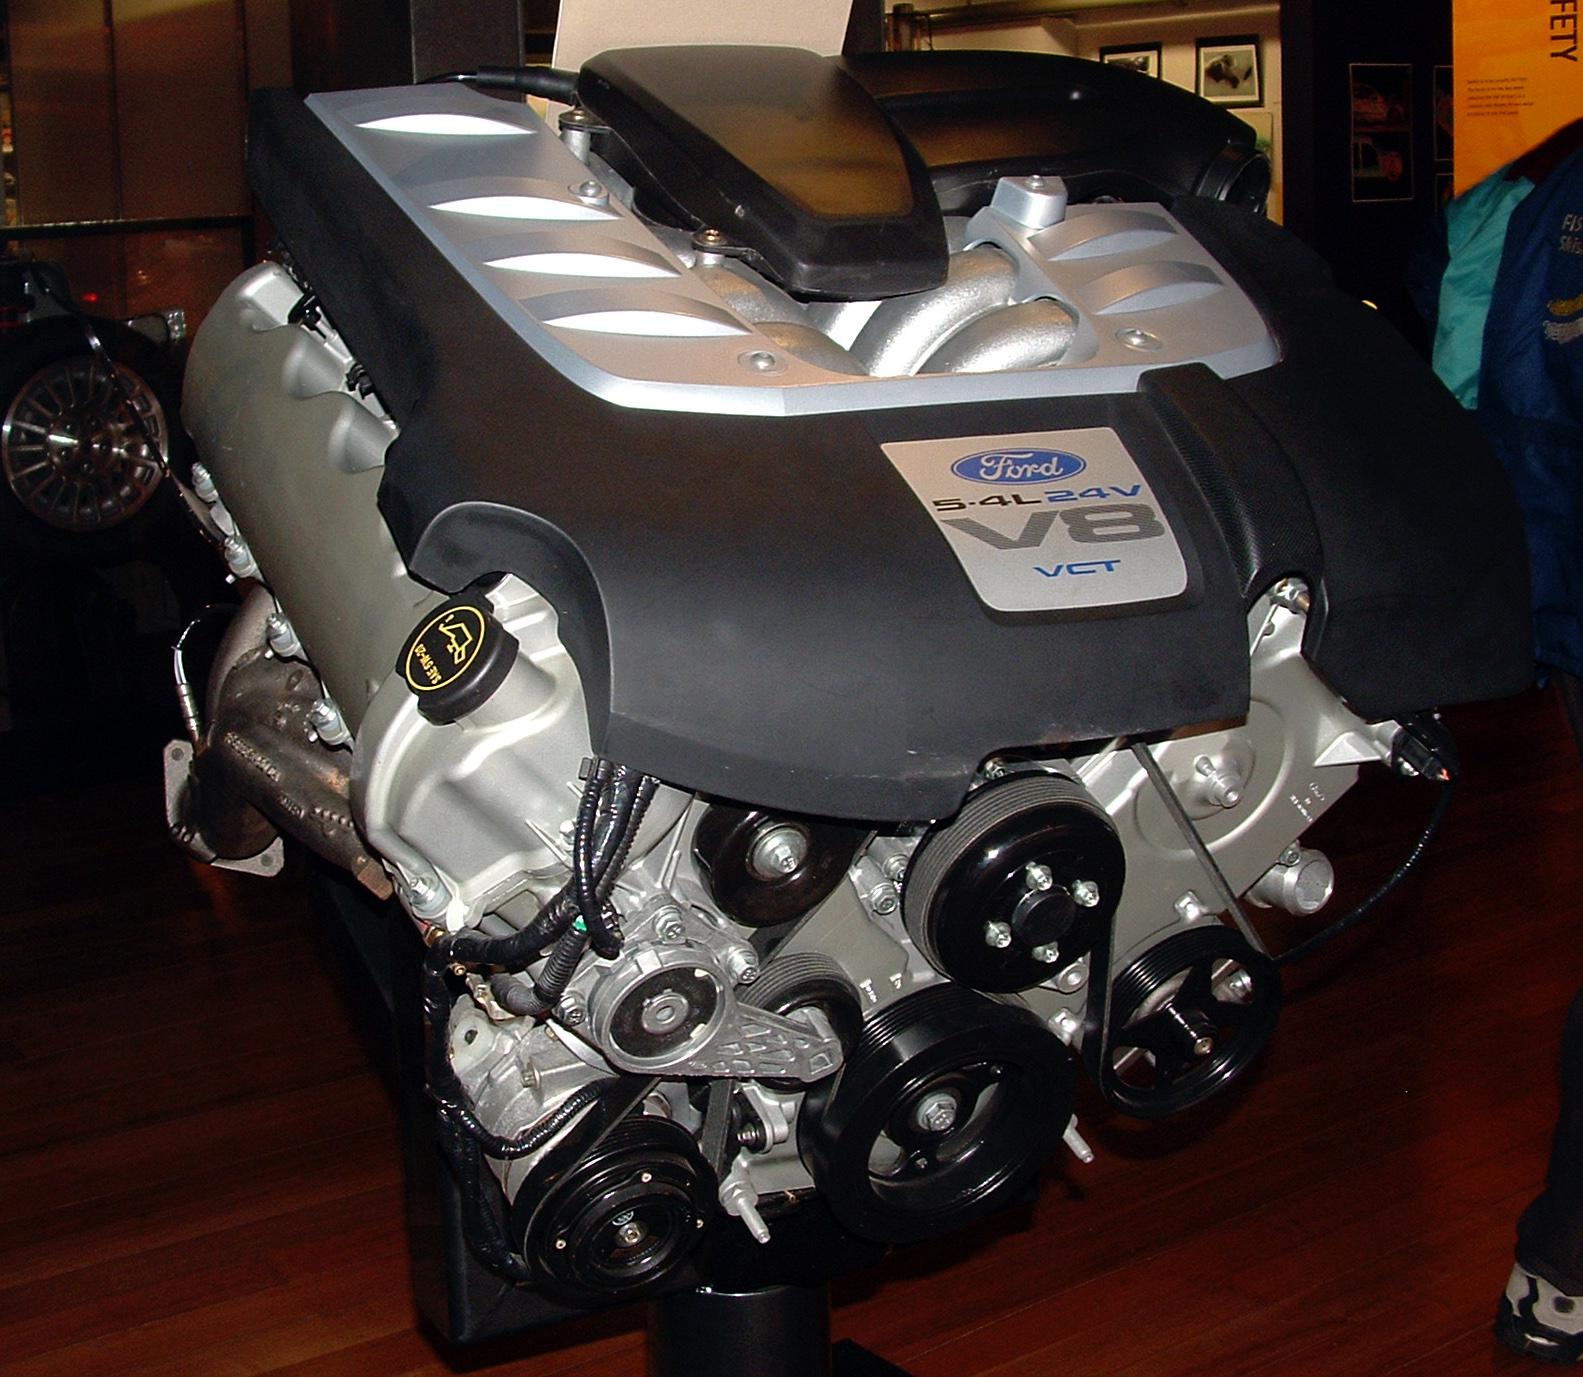 File:Ford Modular Boss V8 jpg - Wikimedia Commons